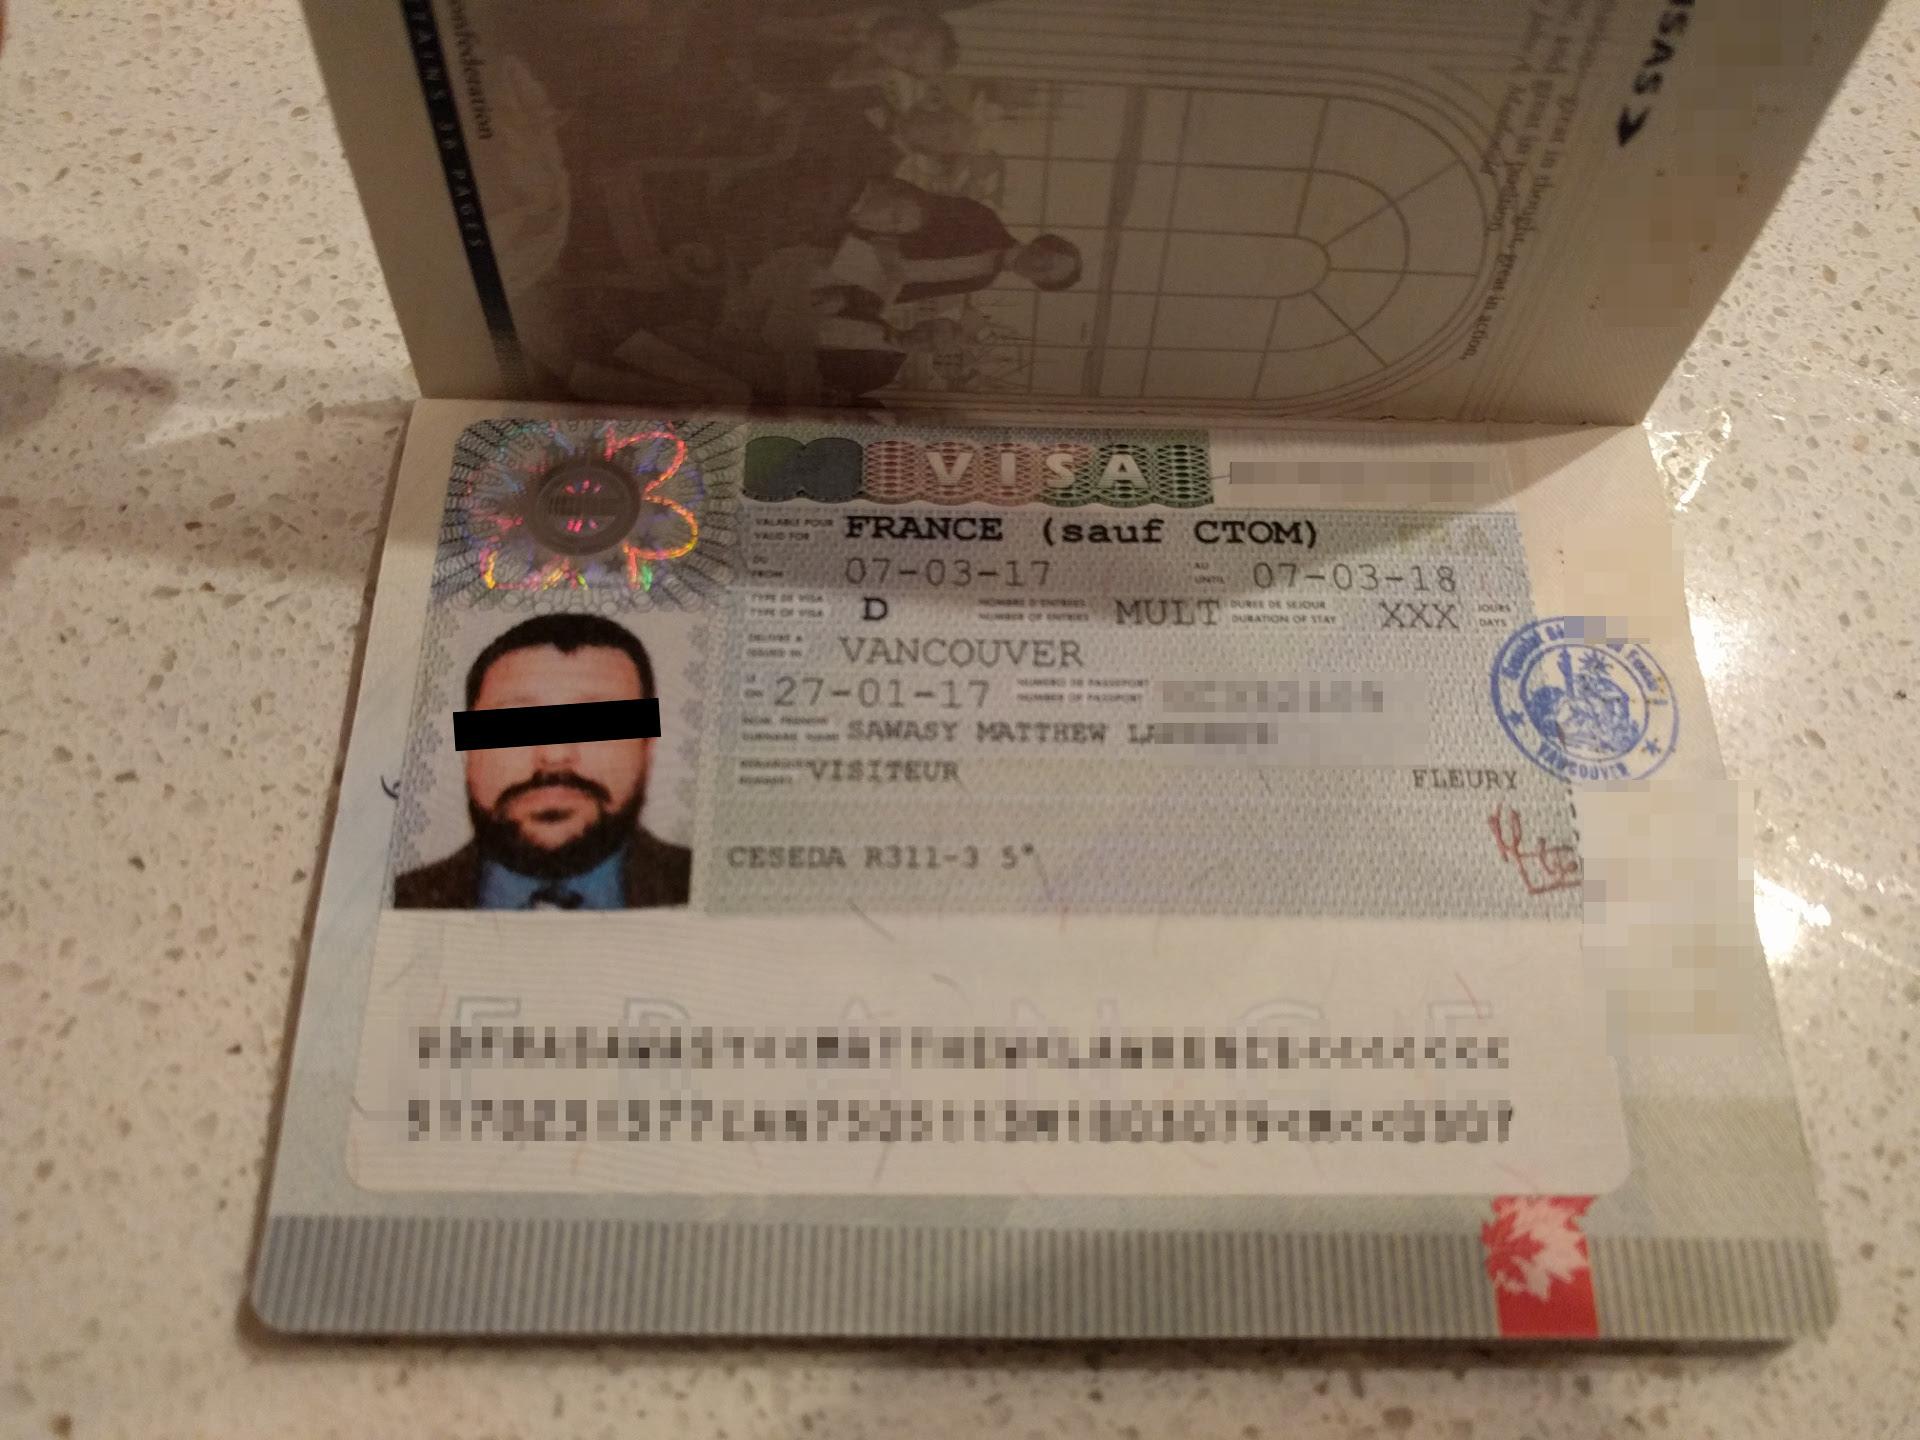 /images/visa.jpg